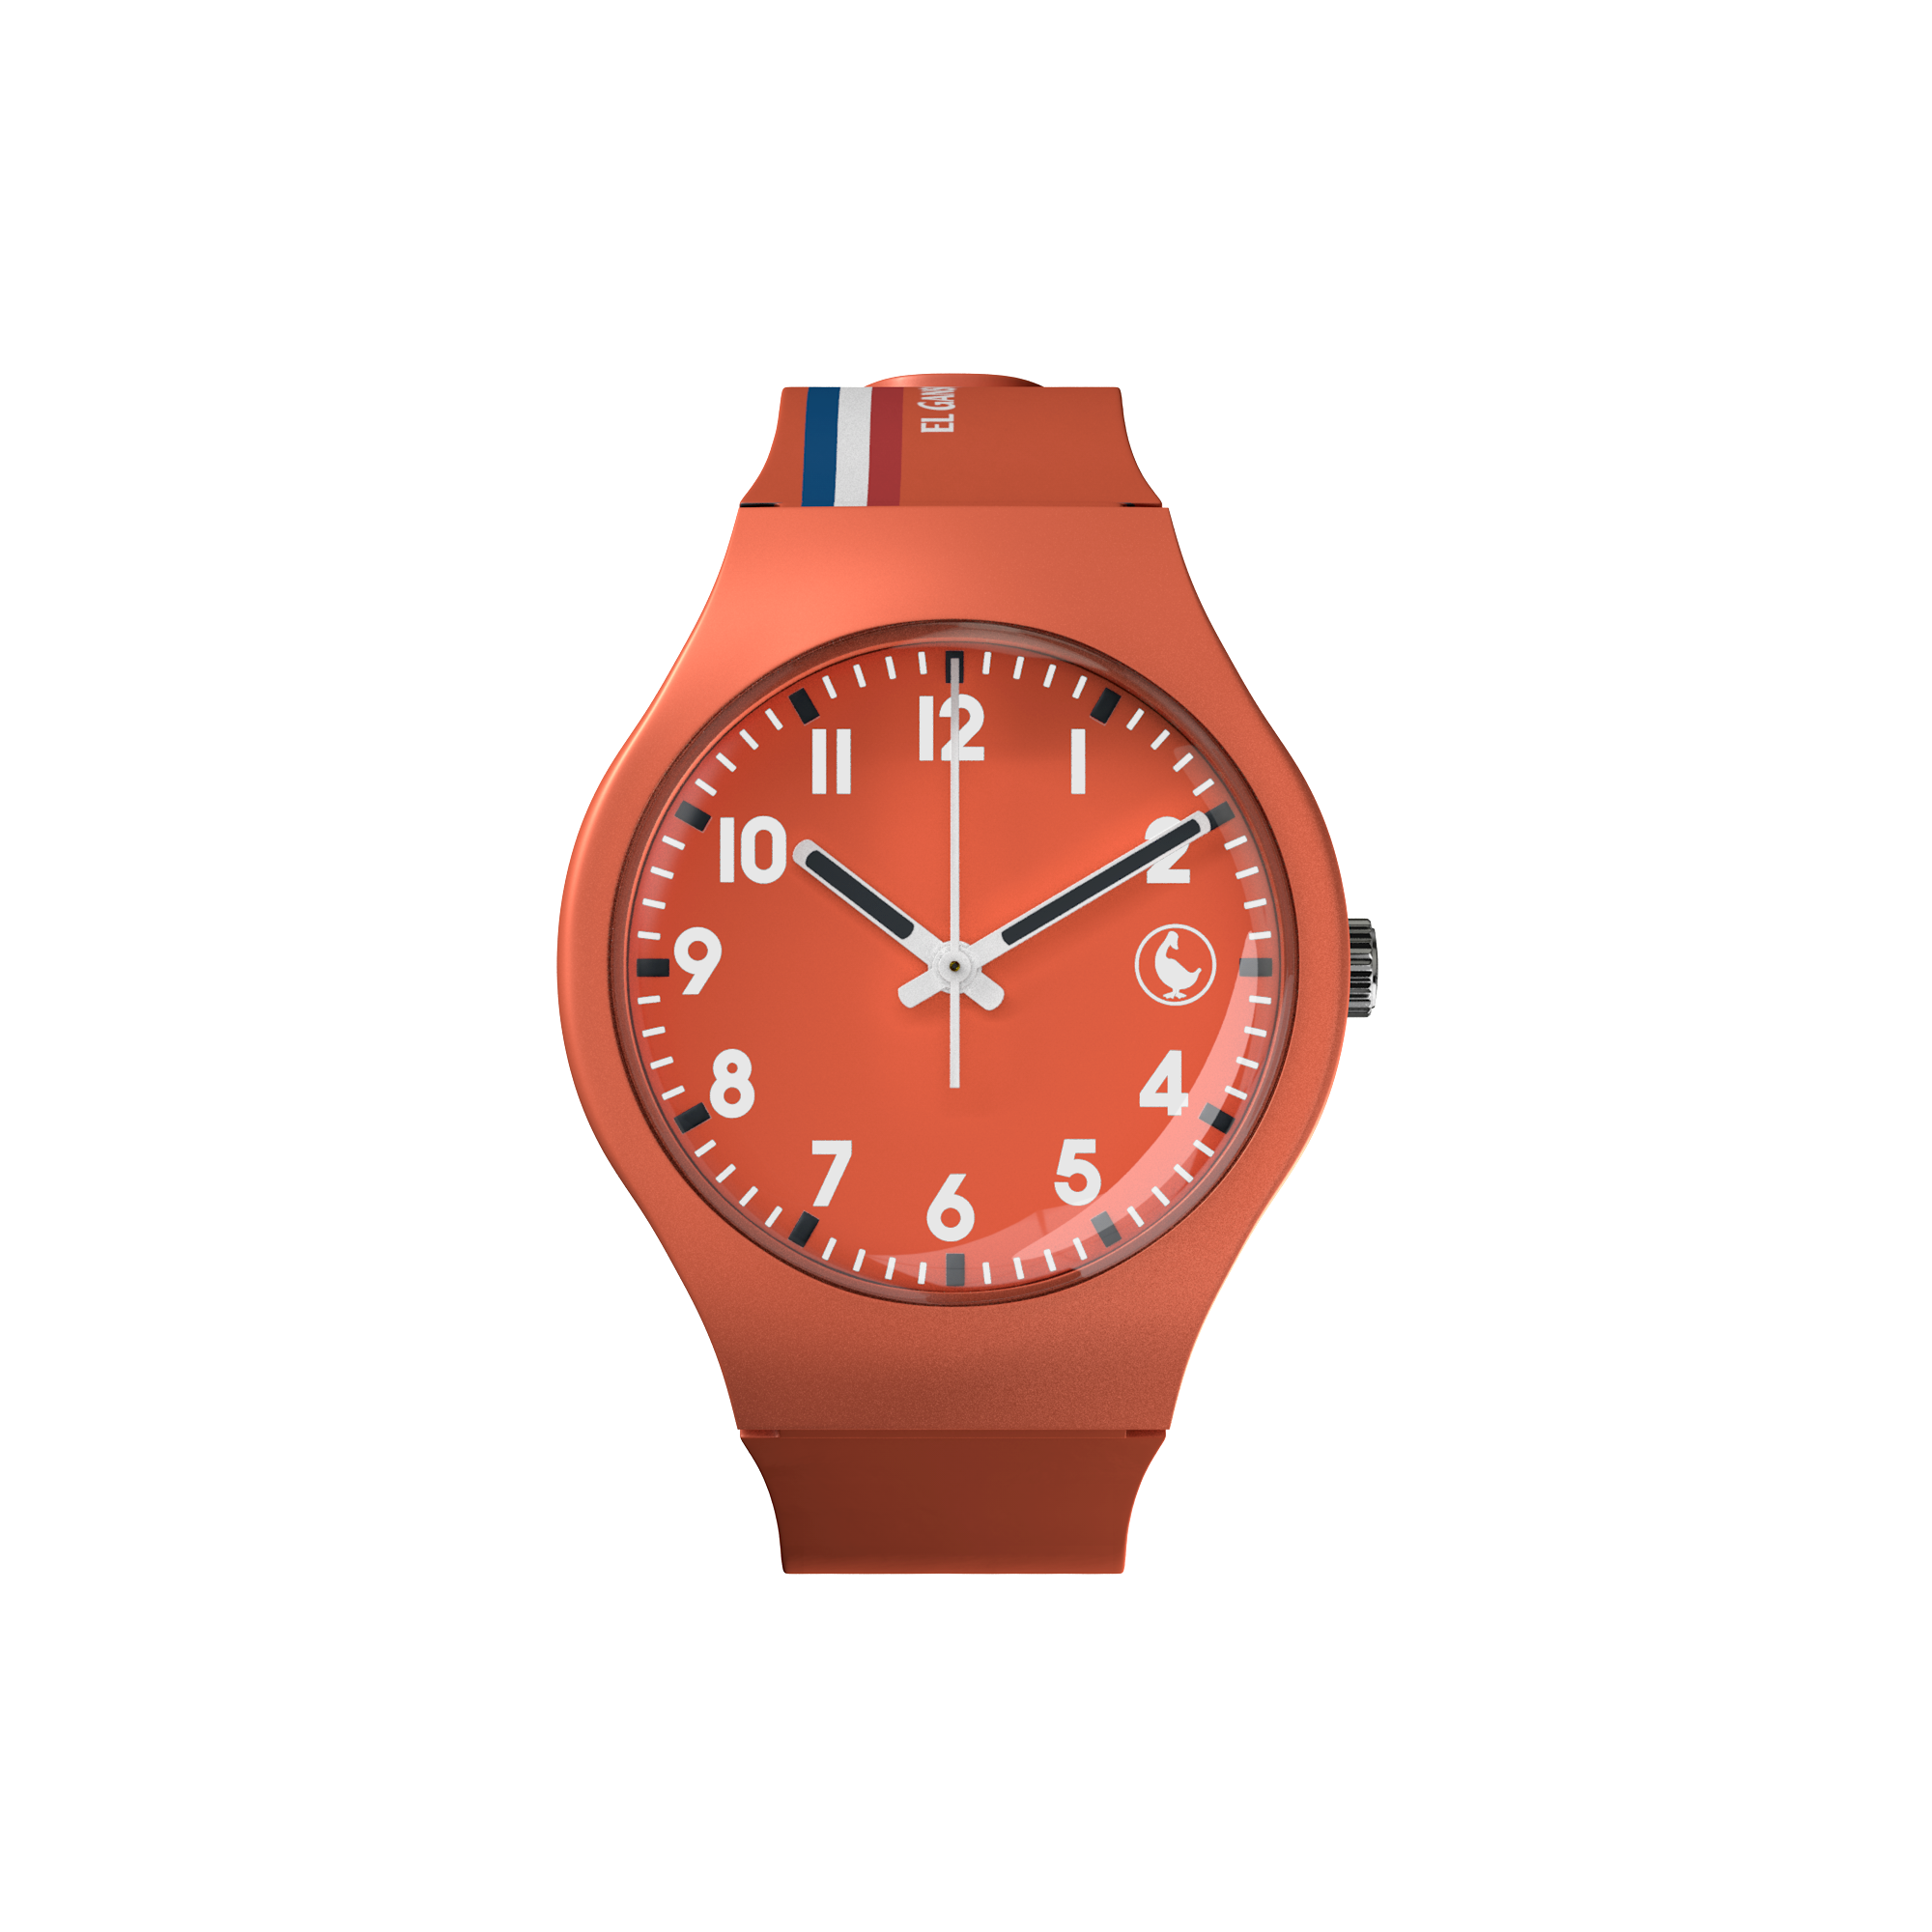 Reloj Ganso Naranja Image 1